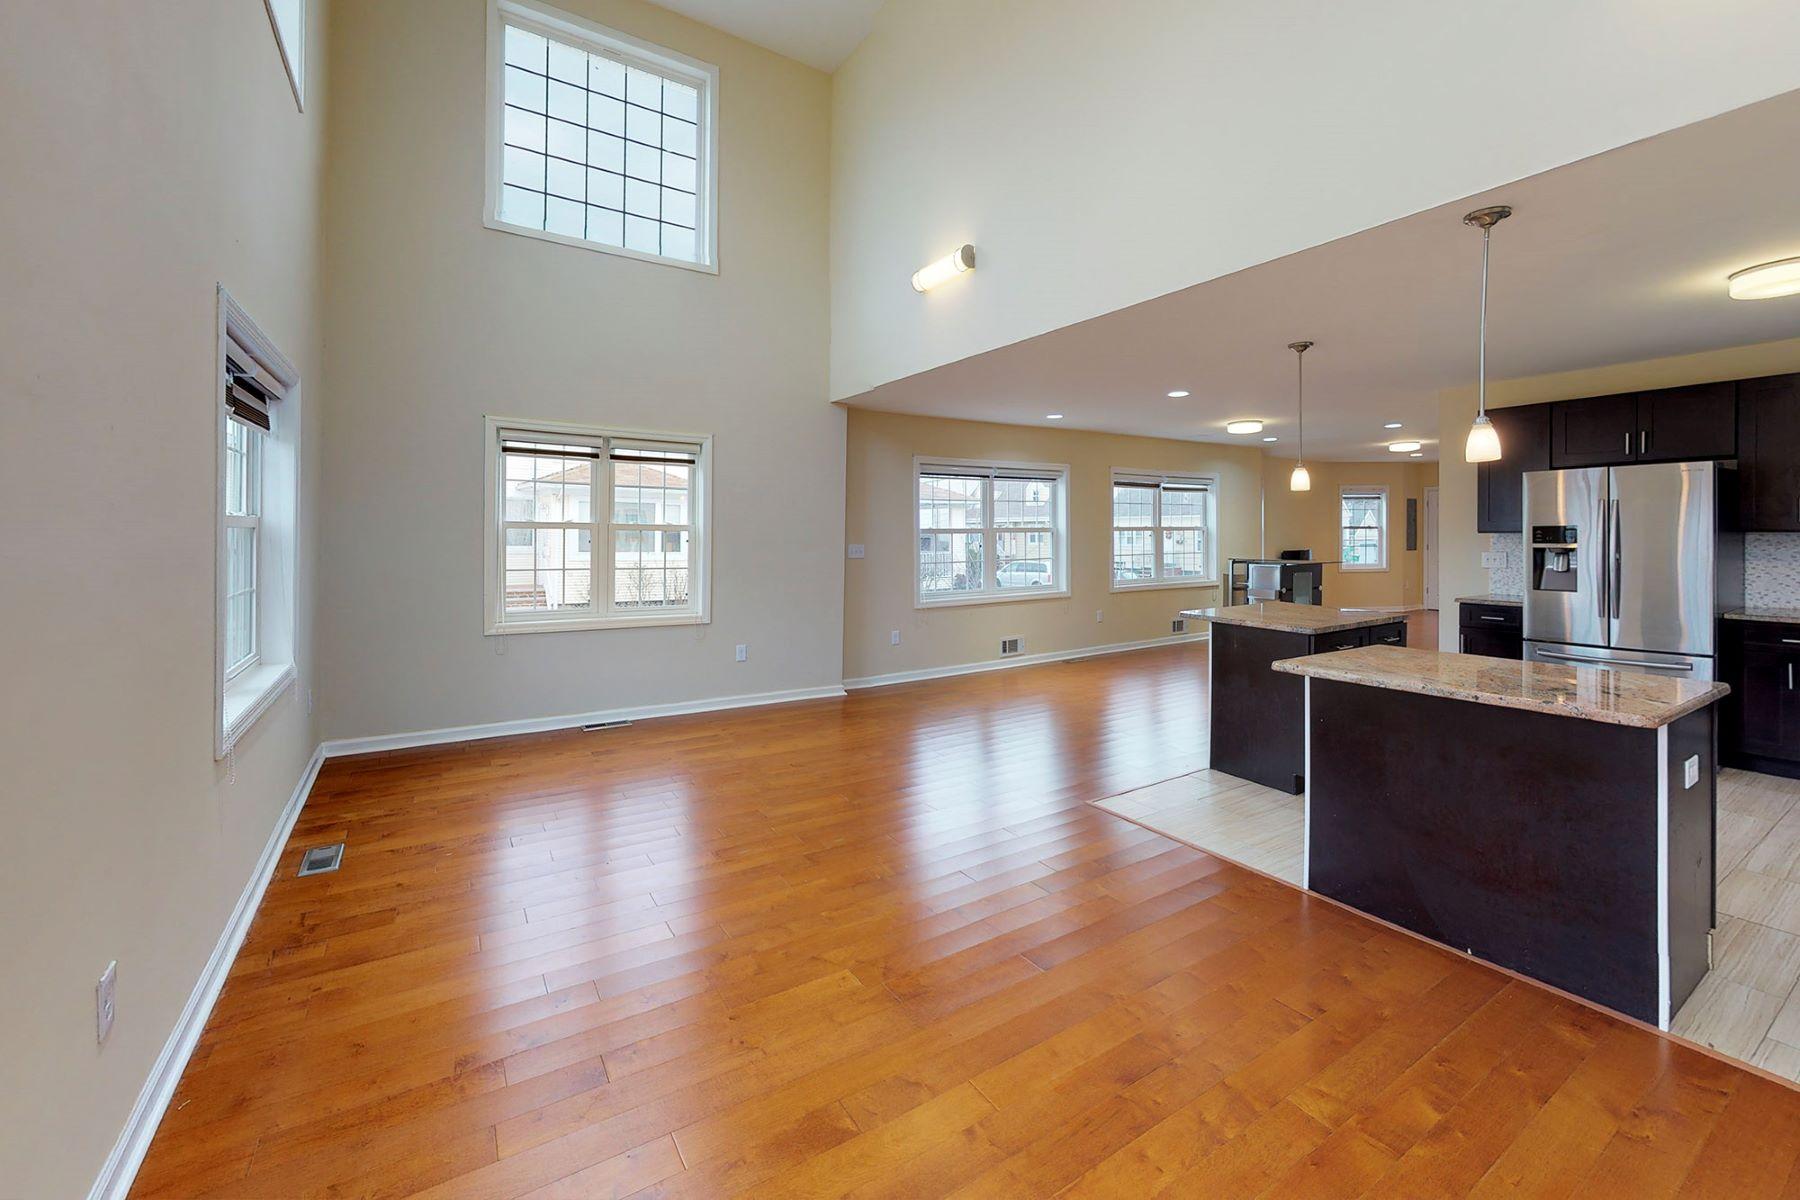 Частный односемейный дом для того Продажа на Open Floor Plan 68 Highland Place, Ridgefield Park, Нью-Джерси 07660 Соединенные Штаты